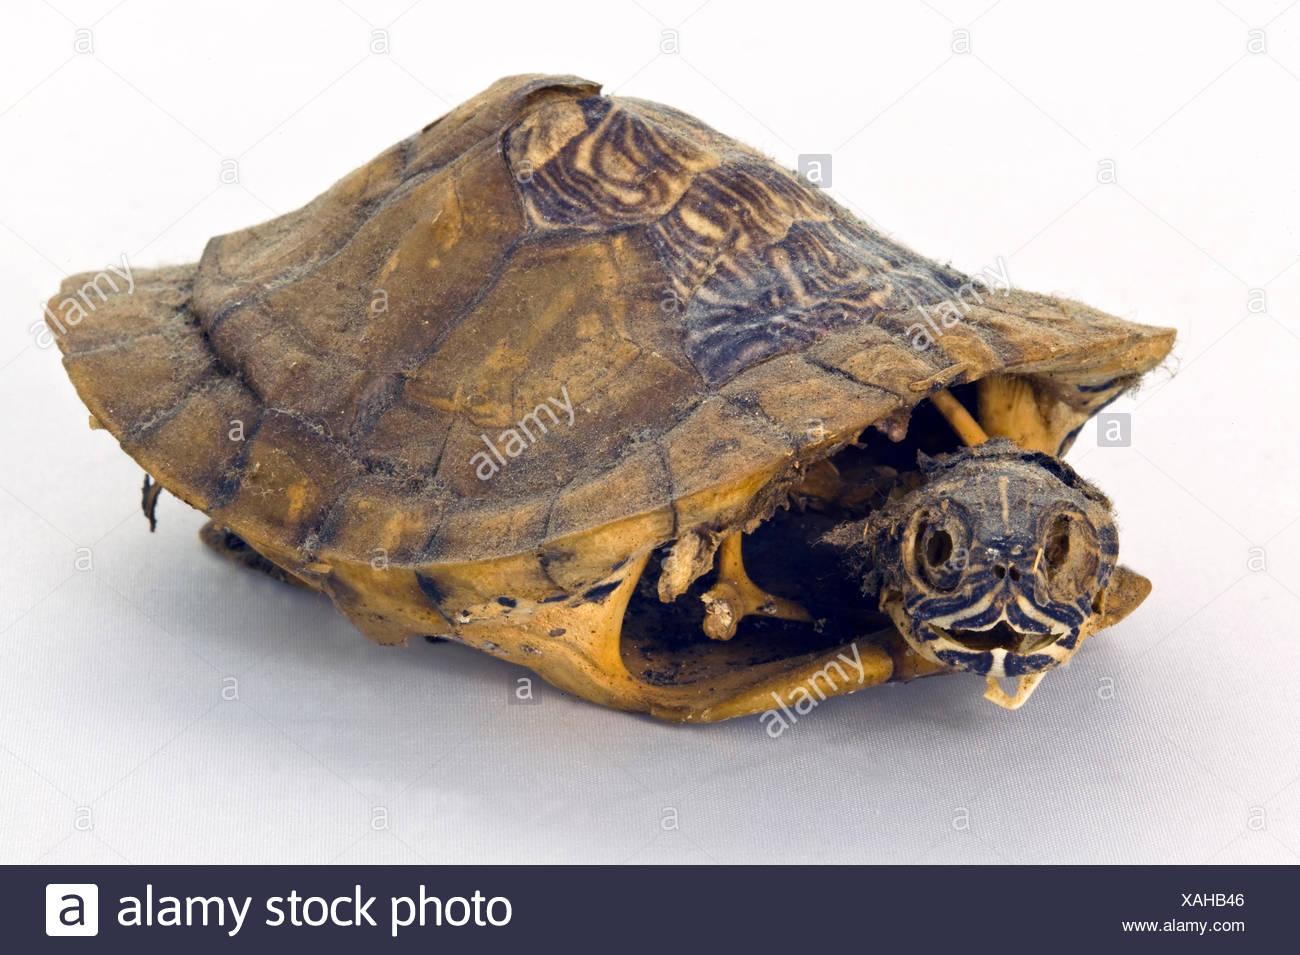 Tortoise Skeleton Stock Photos & Tortoise Skeleton Stock Images - Alamy